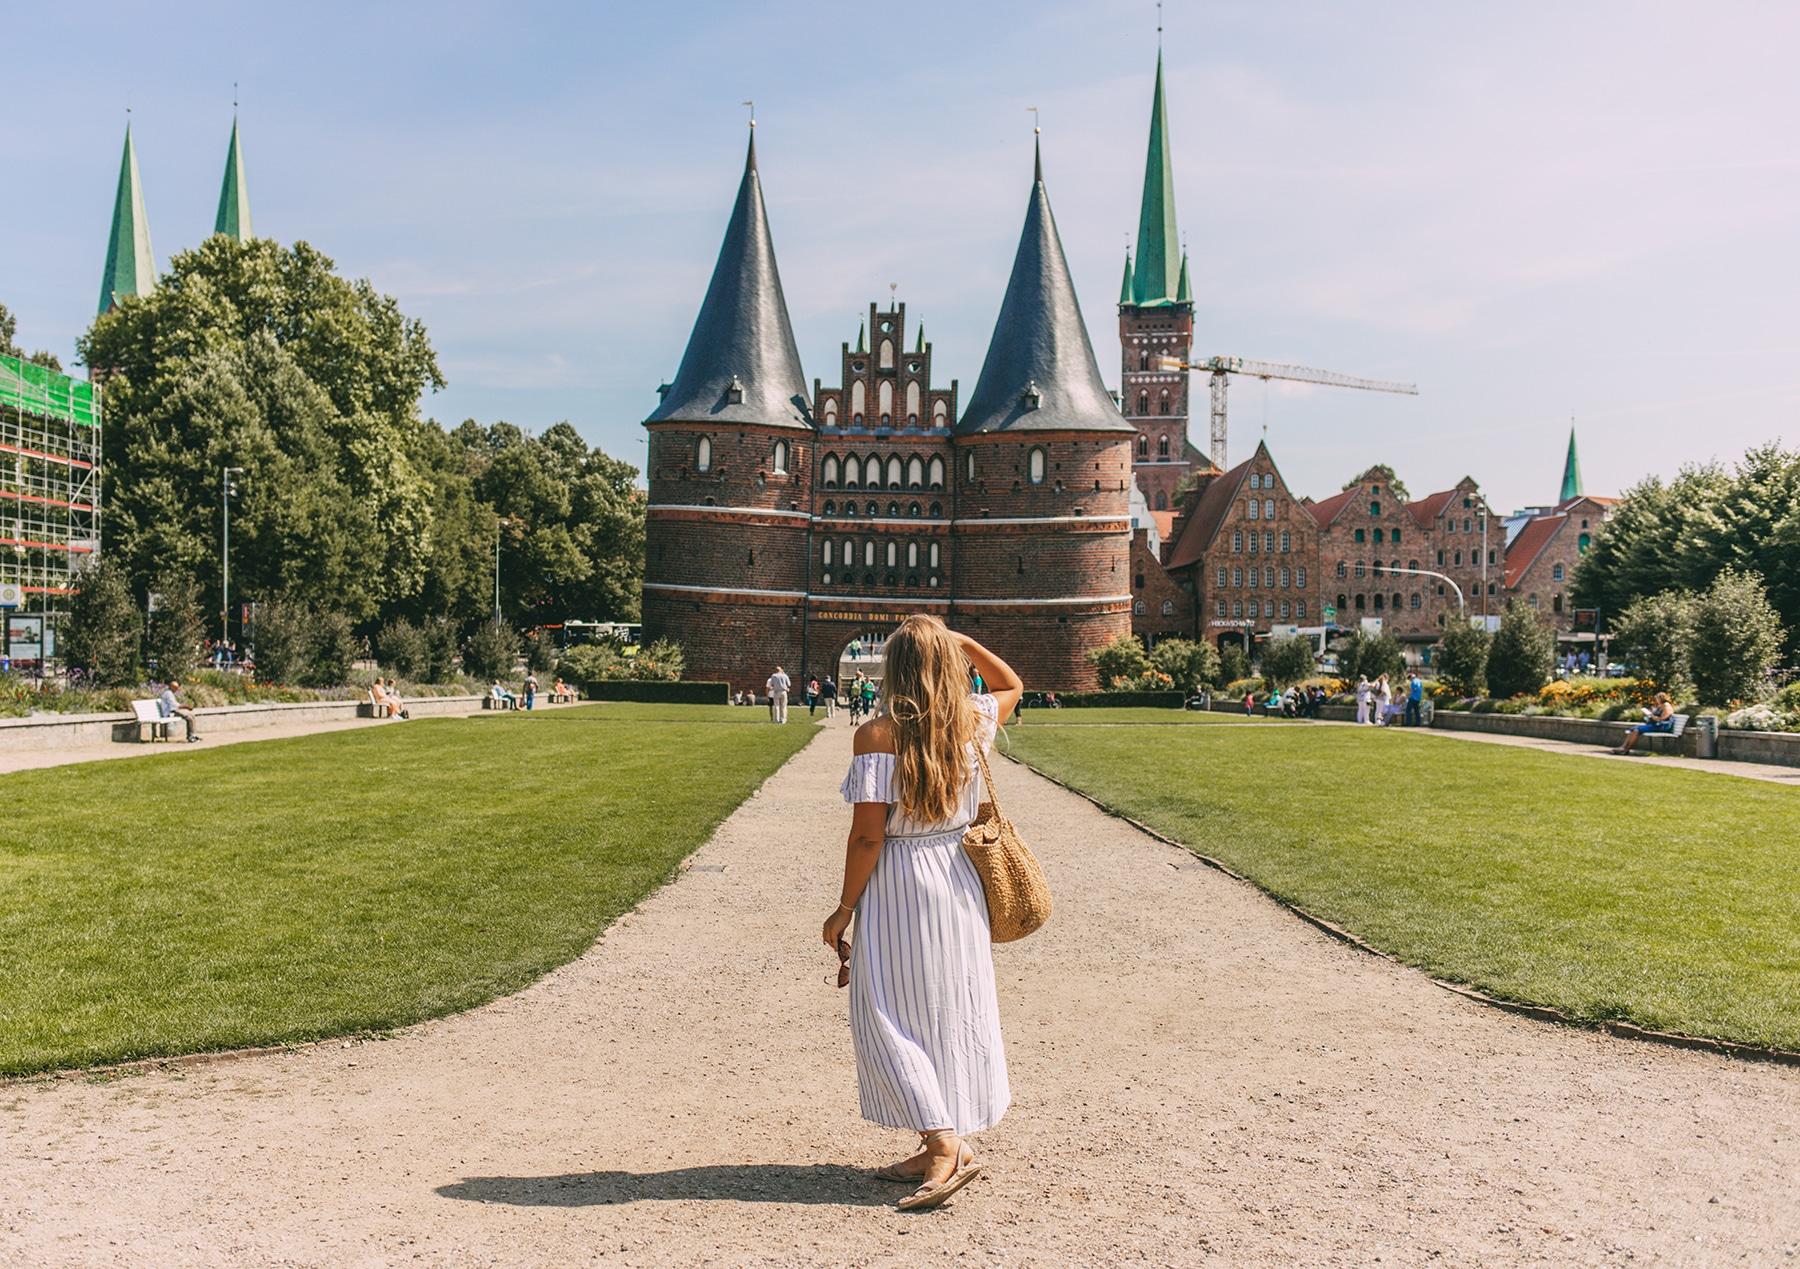 Reisebloggerin Sina Hoyer von Förde Fräulein über Ausflugstipps in Lübeck